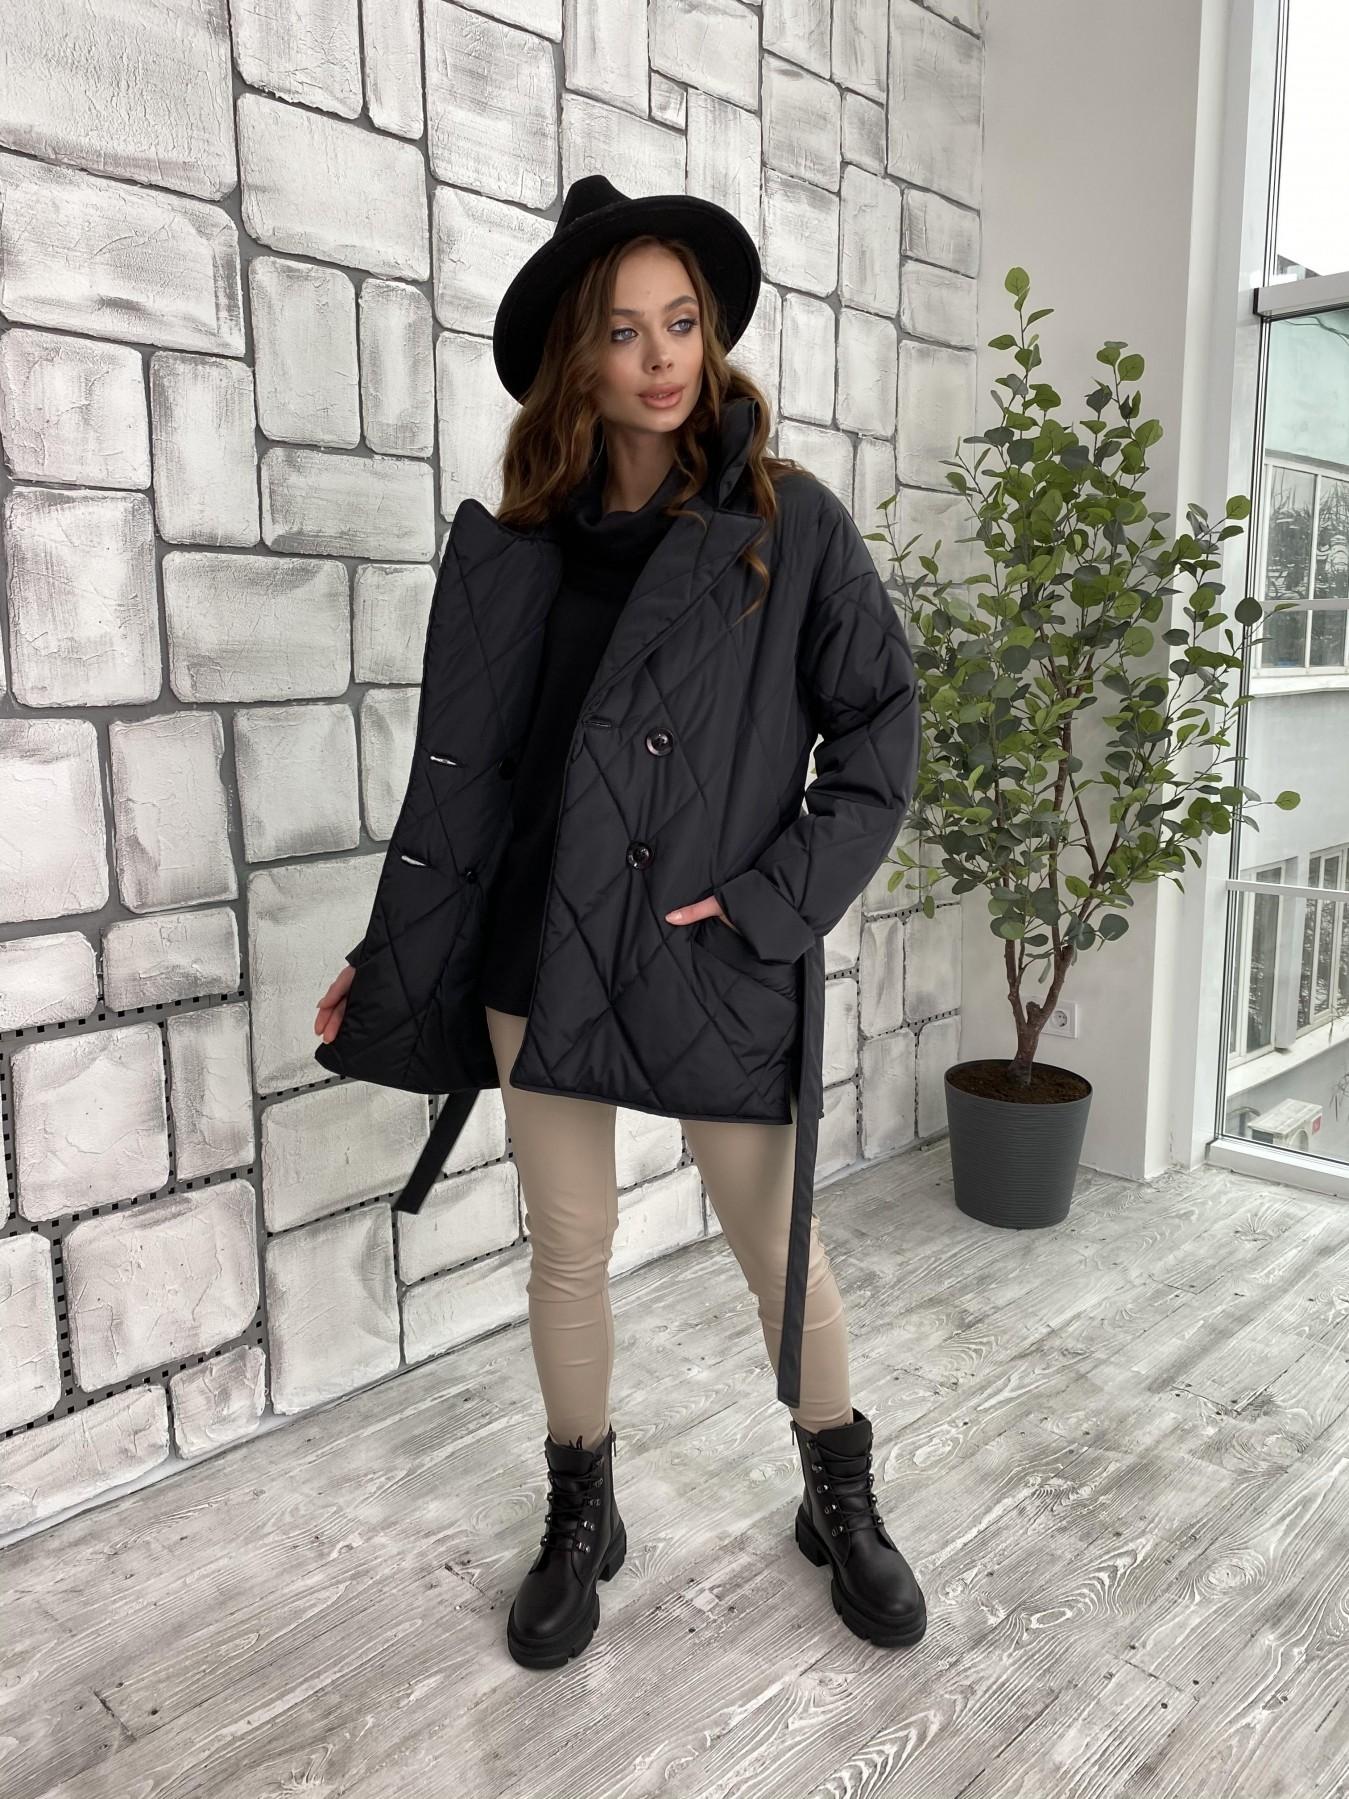 Норд куртка из плащевой ткани стеганая 10883 АРТ. 47354 Цвет: Черный - фото 9, интернет магазин tm-modus.ru